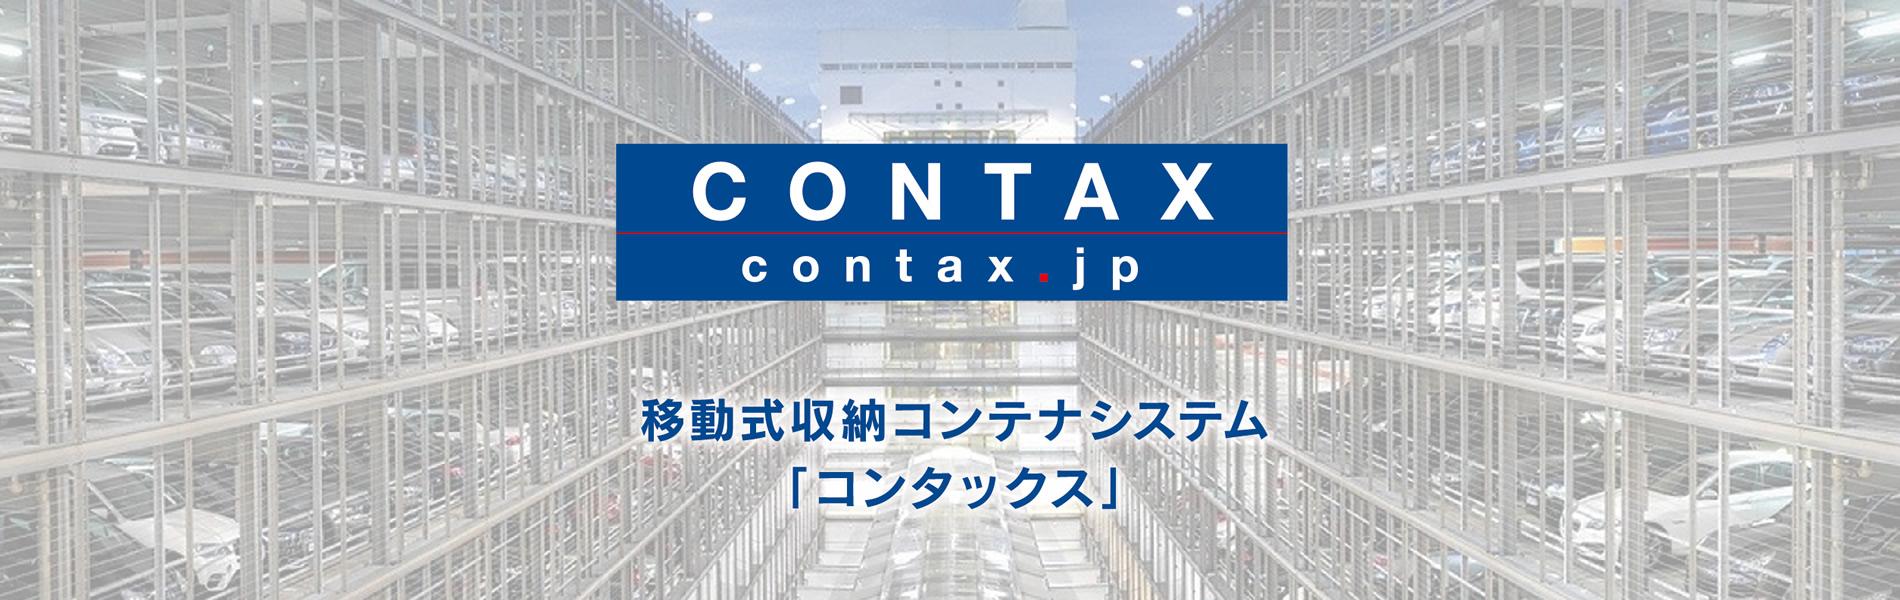 移動式収納コンテナシステム「コンタックス」